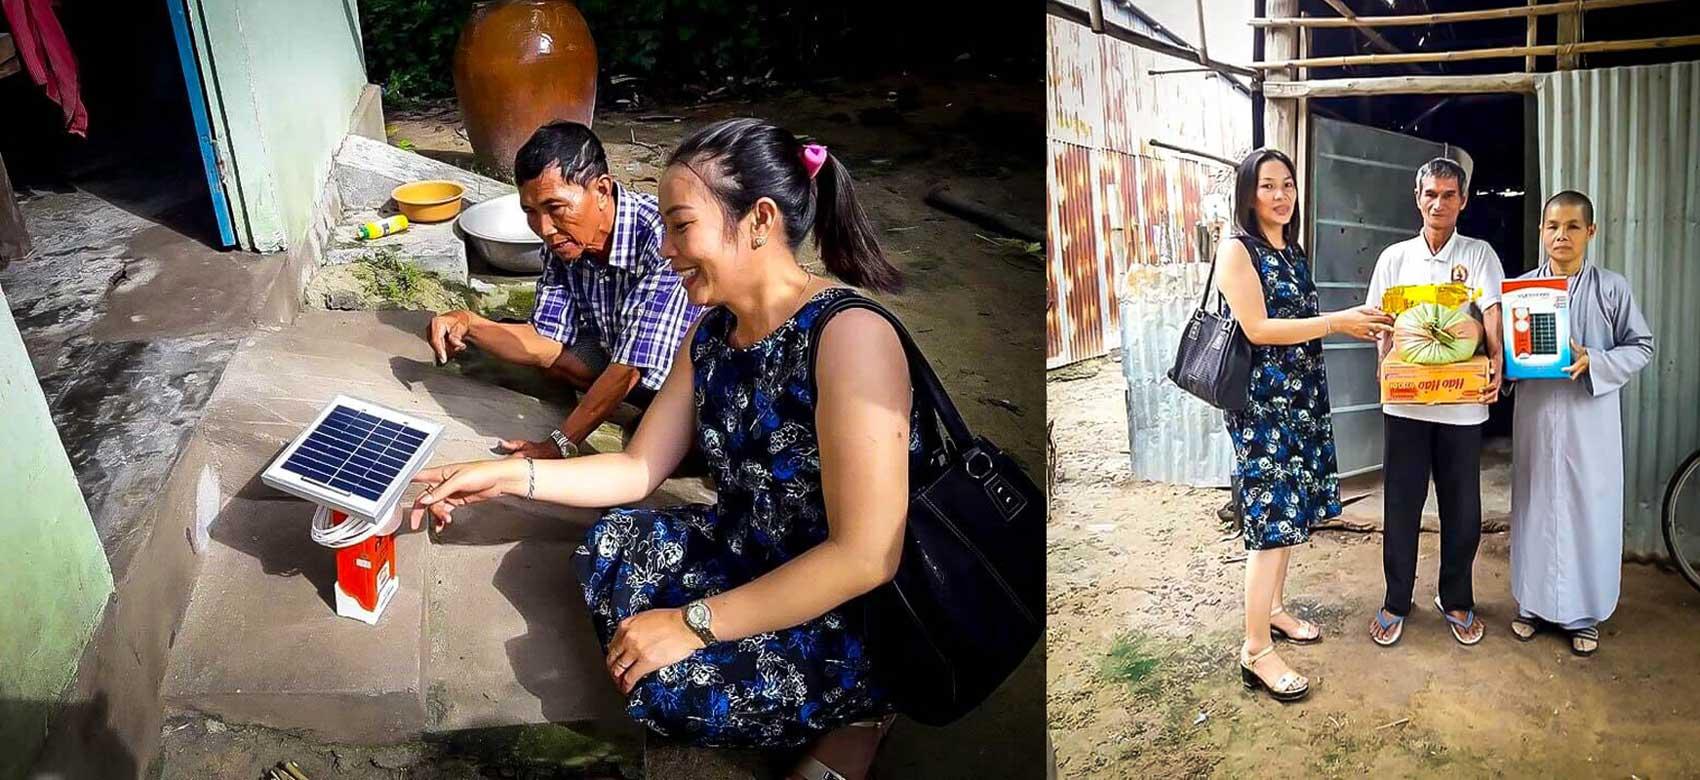 Ngày 22/11/2016, Công ty Vũ Phong cùng đại lý Vũ Sơn (Vũng Tàu) đã tặng nhu yếu phẩm (gạo, muối, bột ngọt) và đèn mặt trời SolarV cho 14 gia đình khó khăn tại huyện Tri Tôn – An Giang.